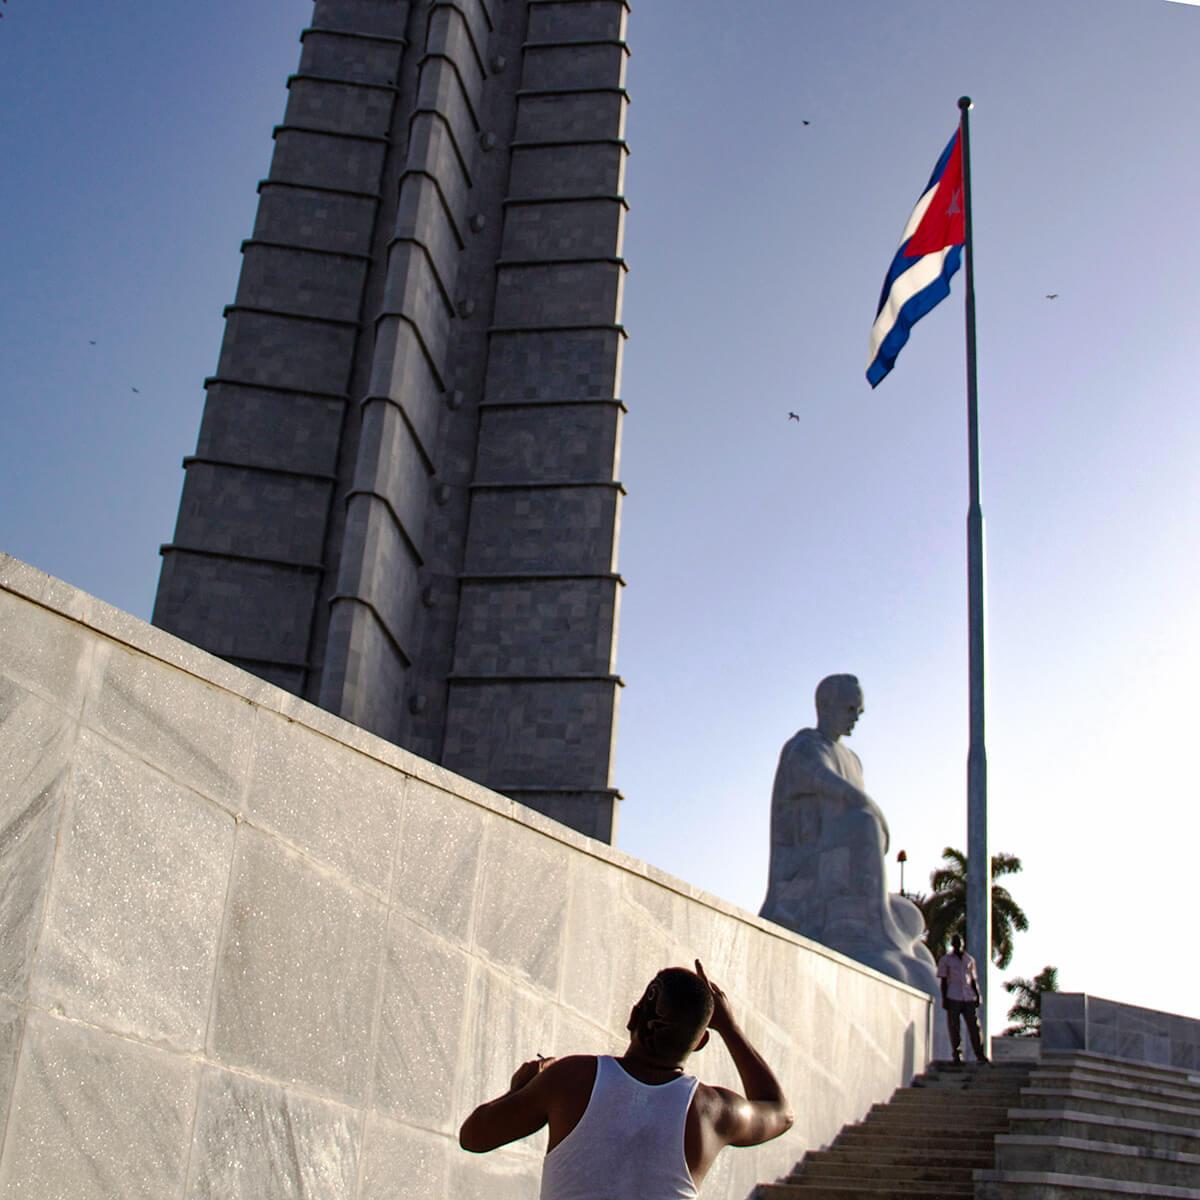 Represent Cuba. Shot at Plaza de la Revolucion in La Habana de Cuba.